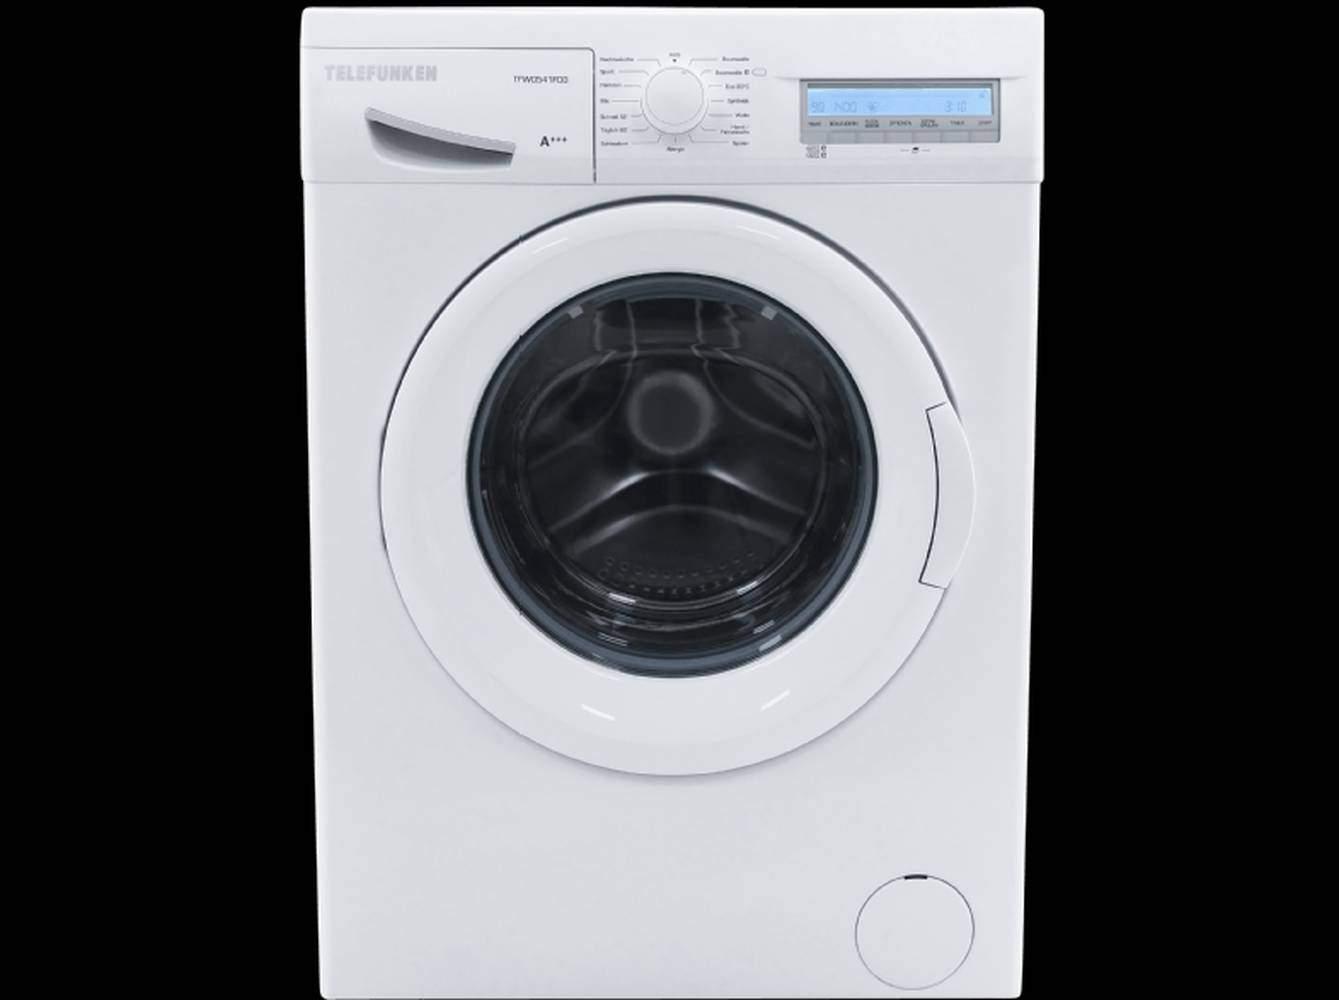 Telefunken tfw0541fd3 waschmaschine im test 07 2018